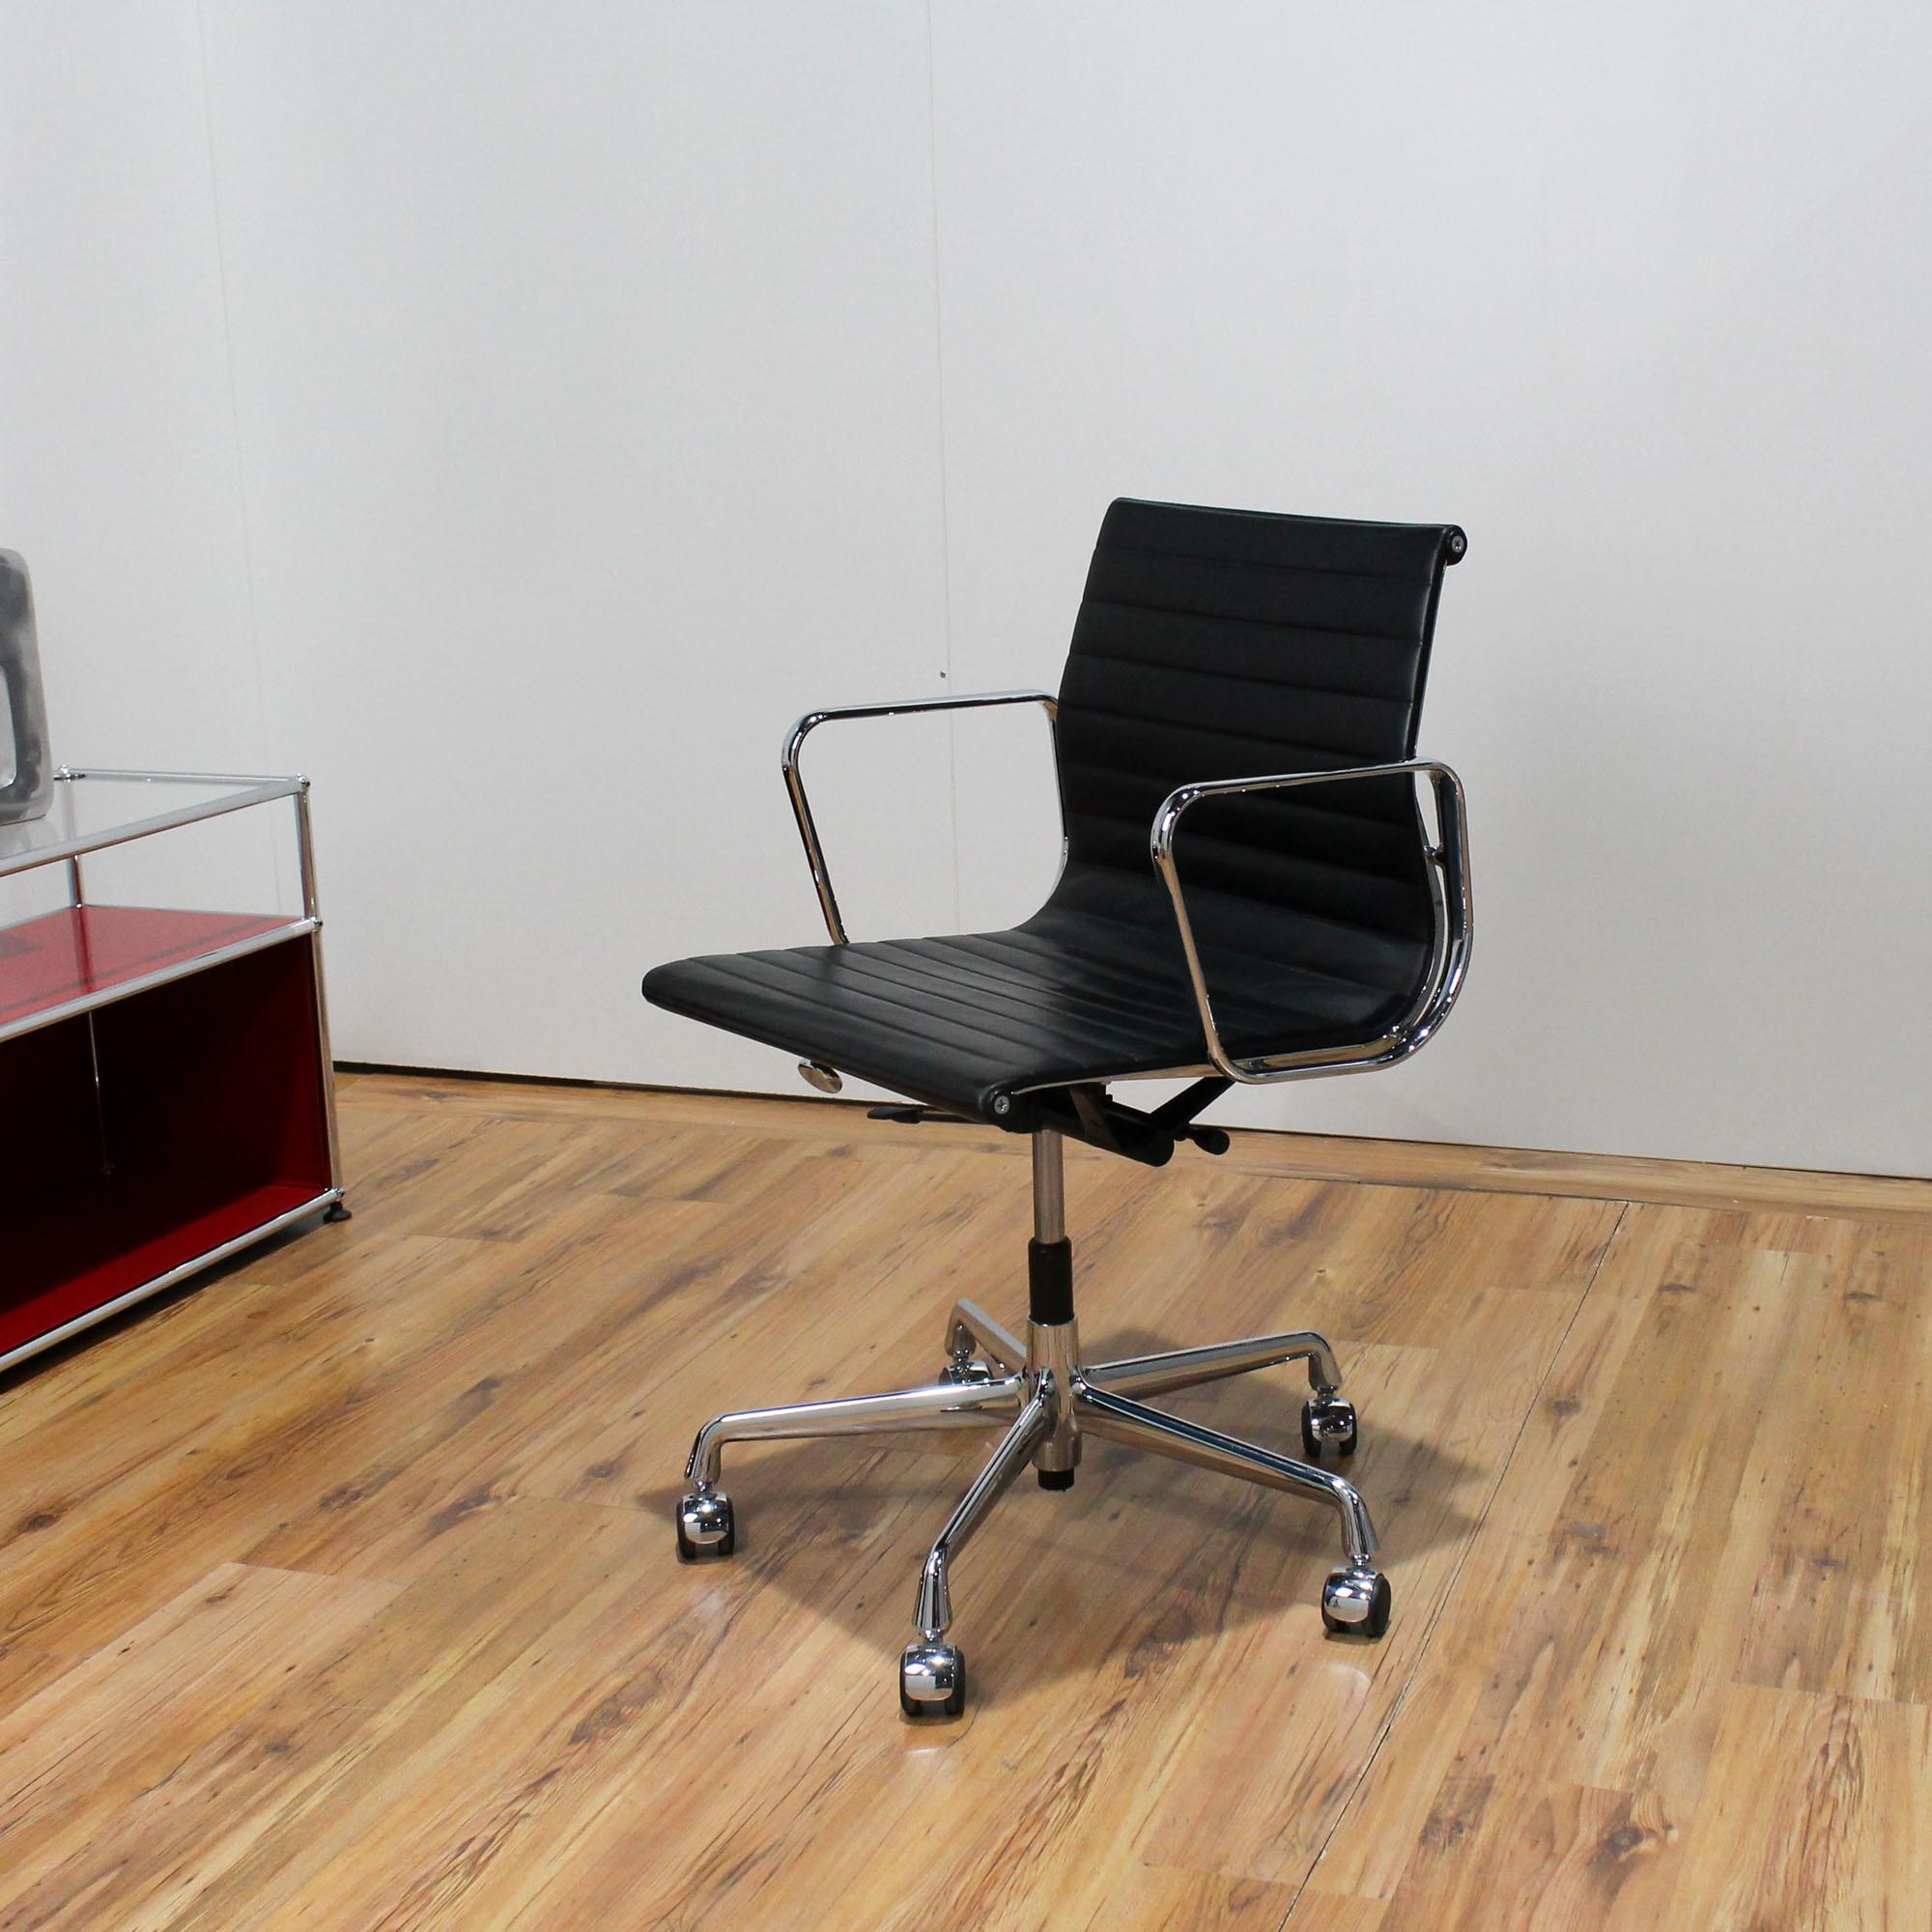 Das Bild wird geladen Vitra Eames 117 Besprechungsstuhl leder schwarz